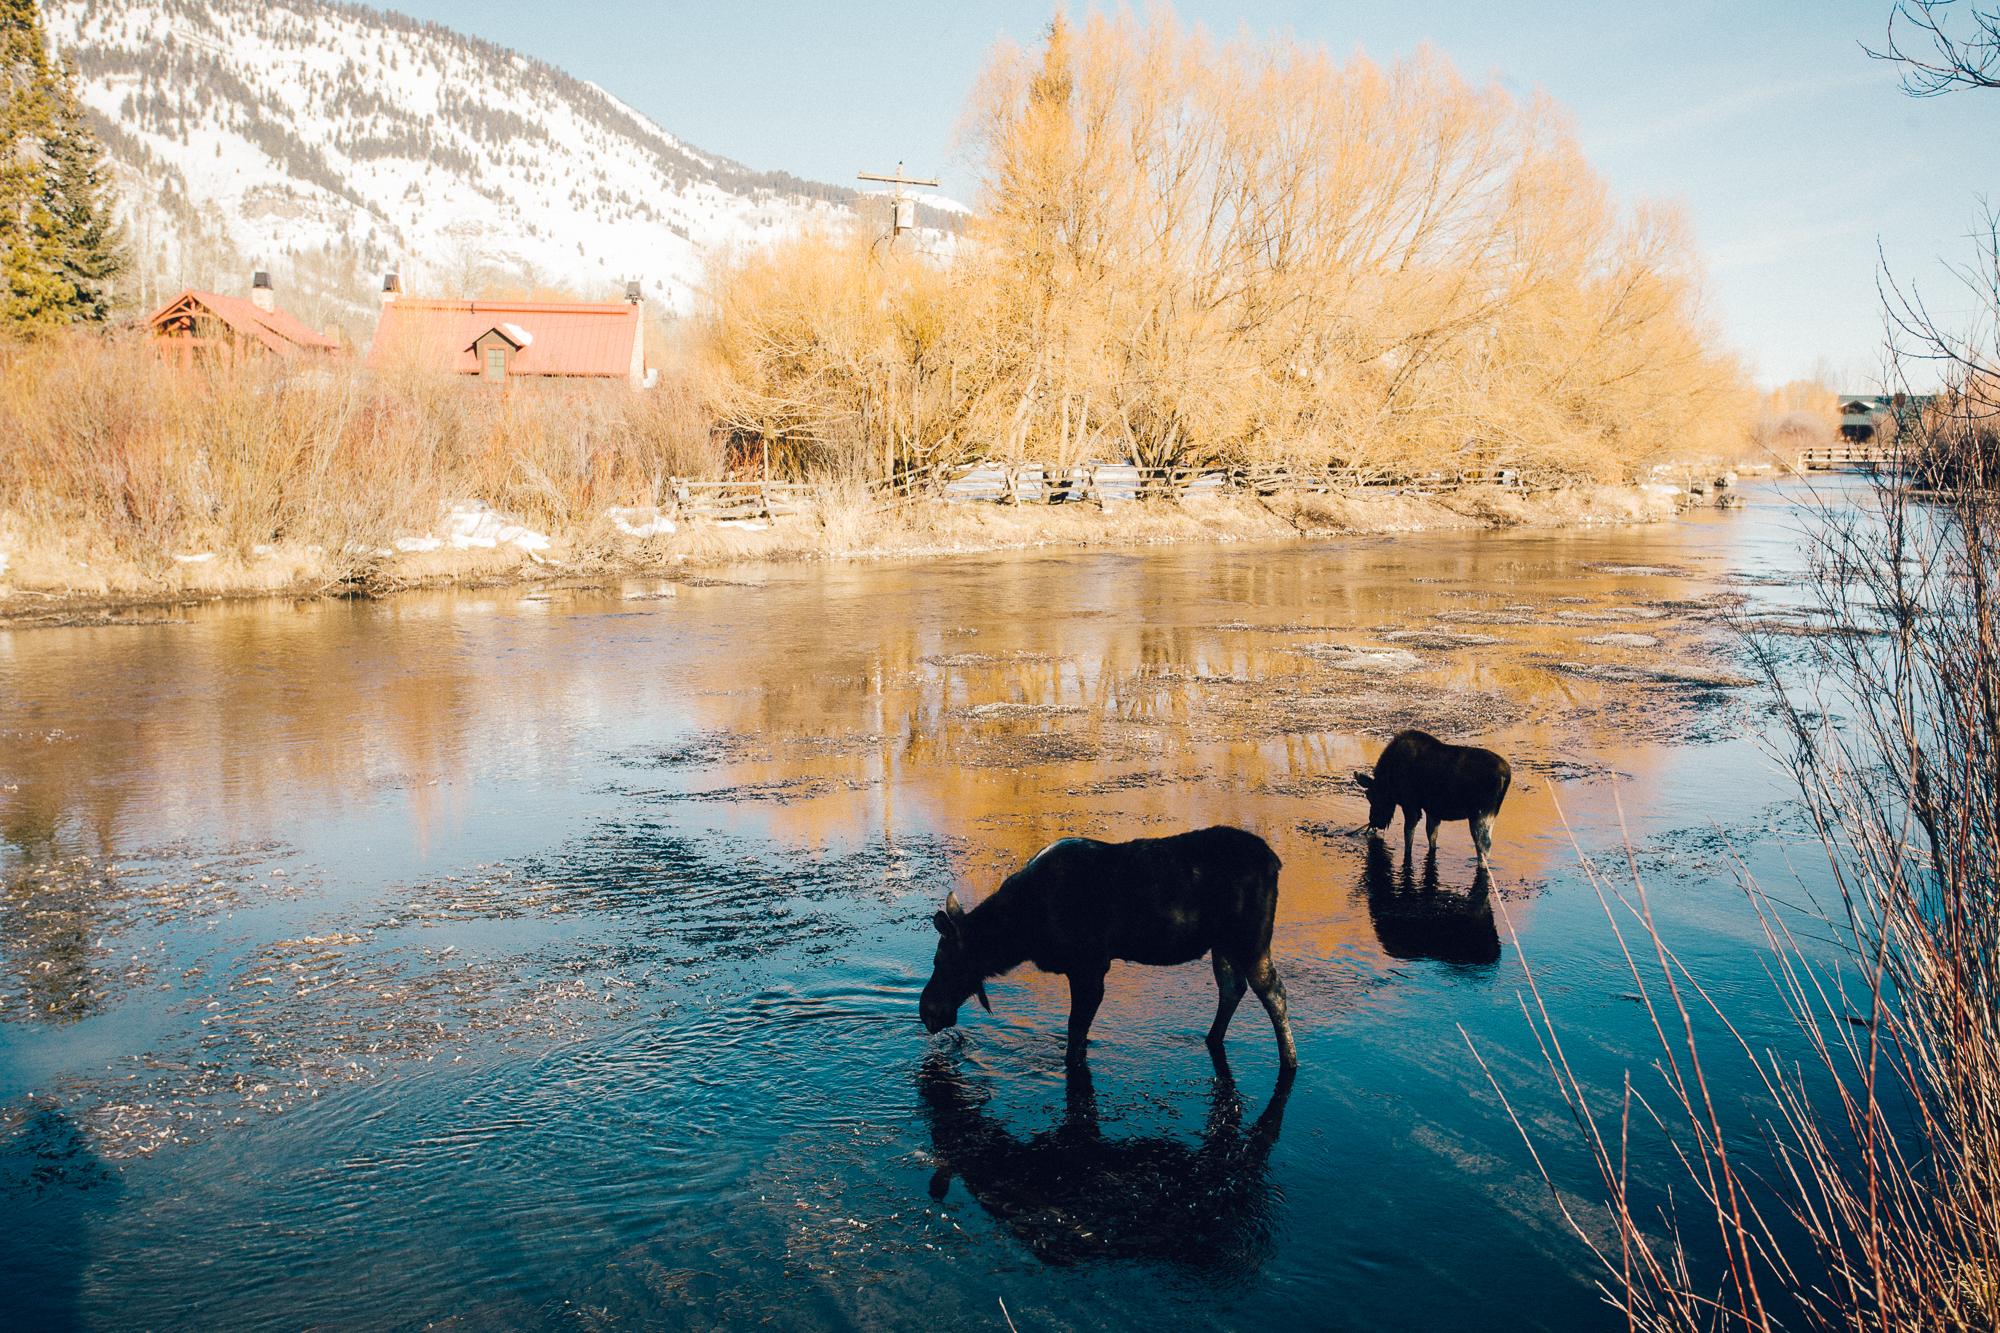 Day 4: Moose. Wyoming.